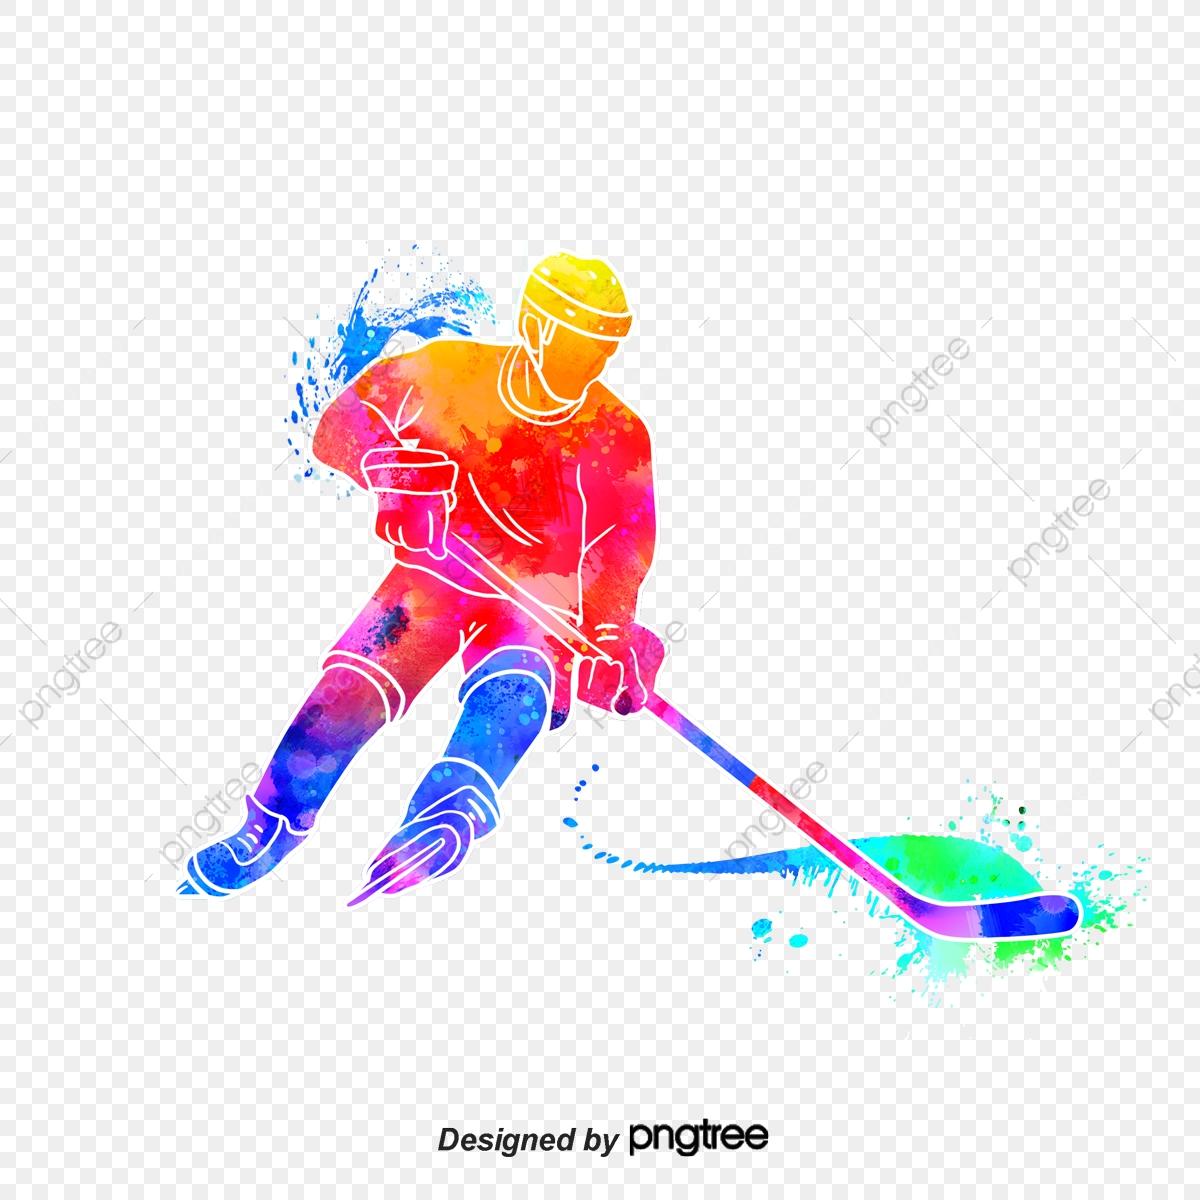 Hockey clipart english hockey. Silhouettes of creative ice